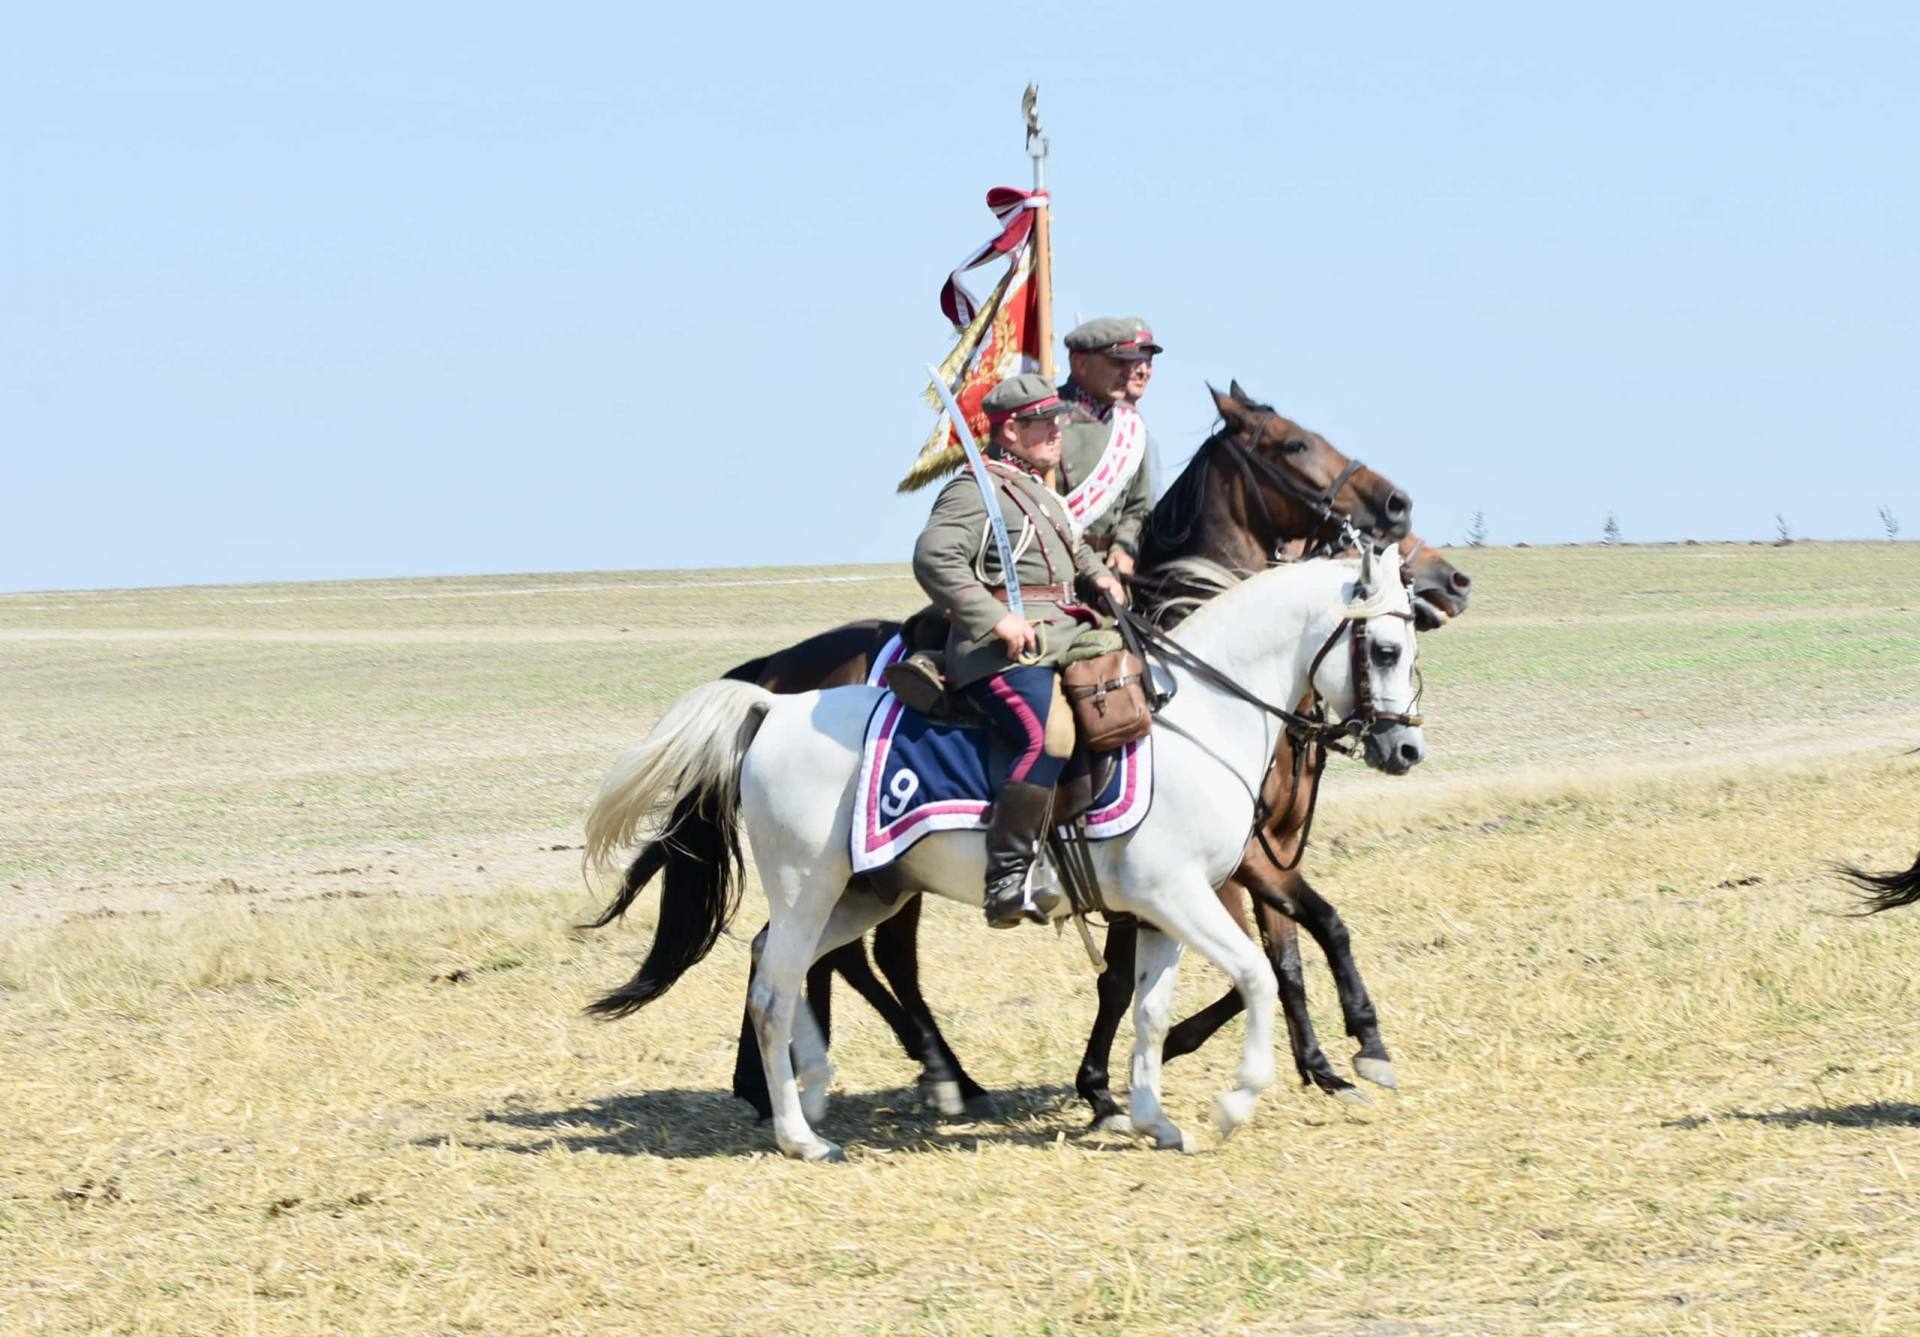 dsc 0622 Czas szabli - 100 rocznica bitwy pod Komarowem(zdjęcia)